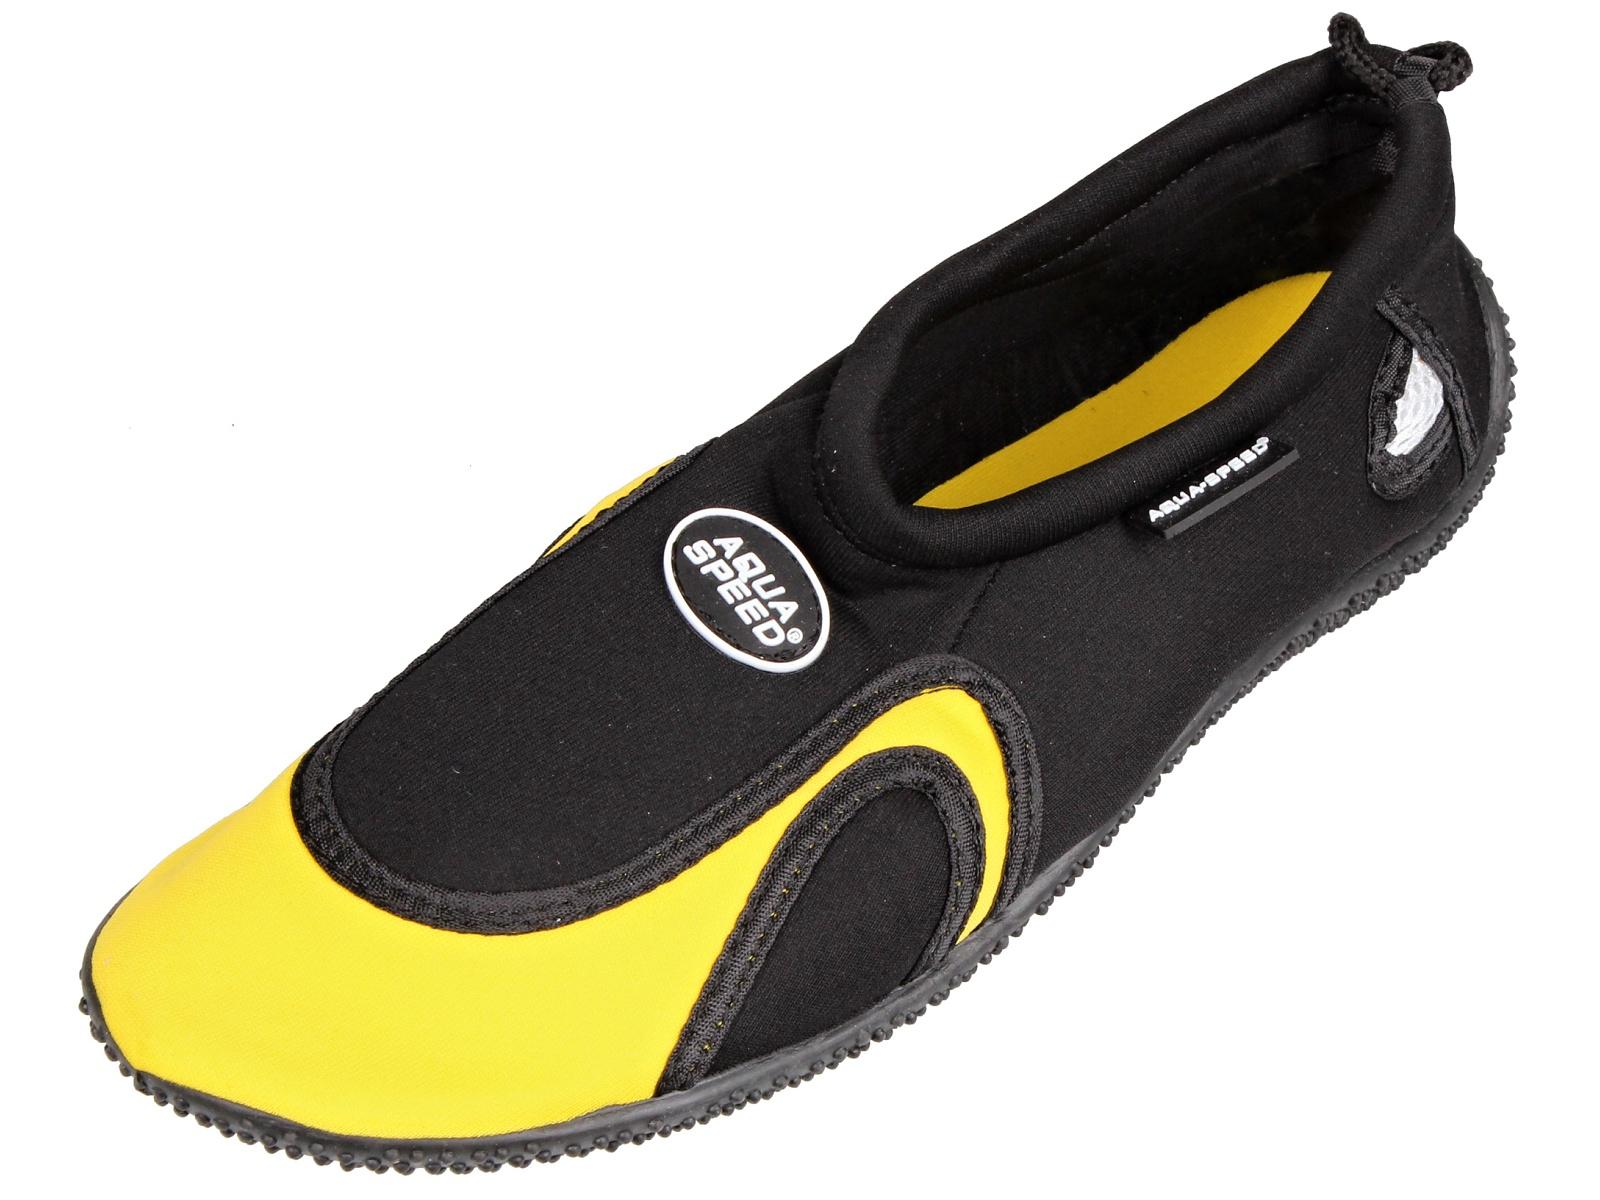 Topánky do vody AQUA-SPEED 18 - veľ. 35